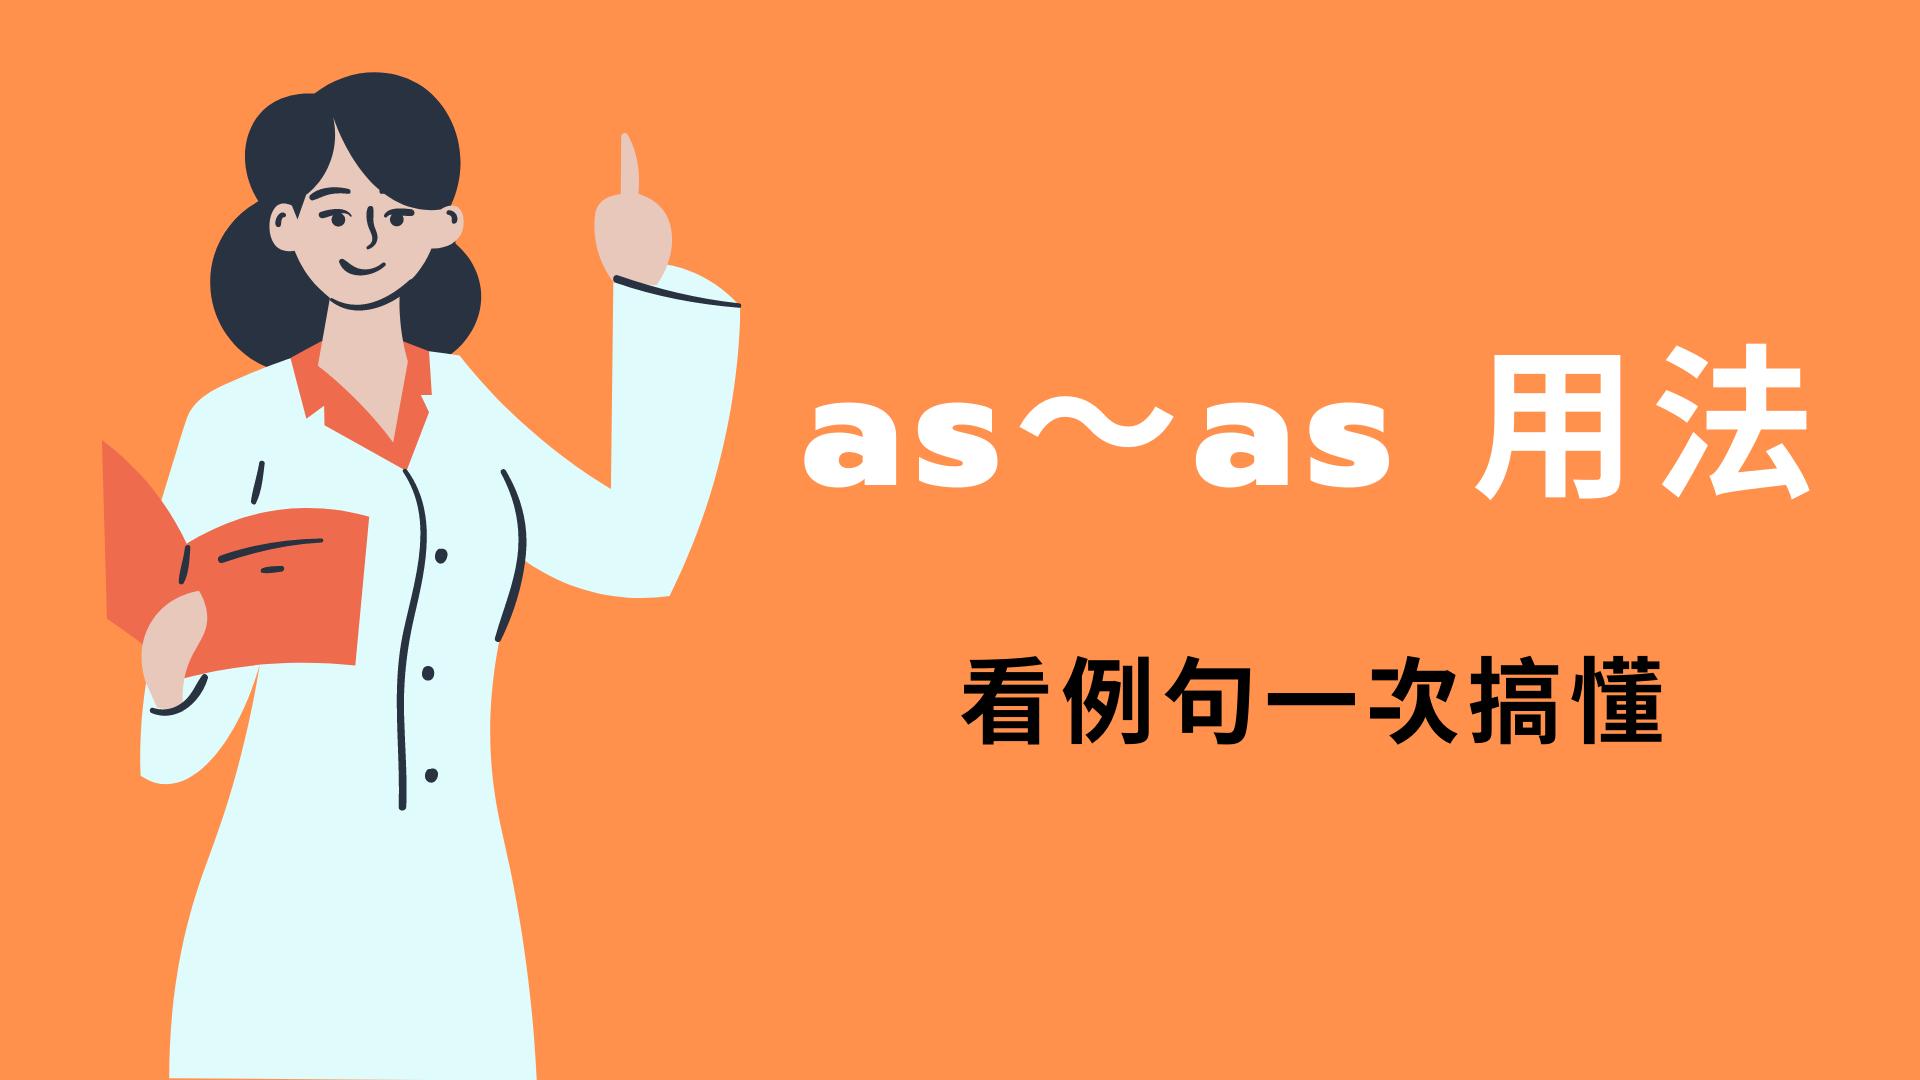 英文 as 〜 as 用法與各種句型!看例句一次搞懂